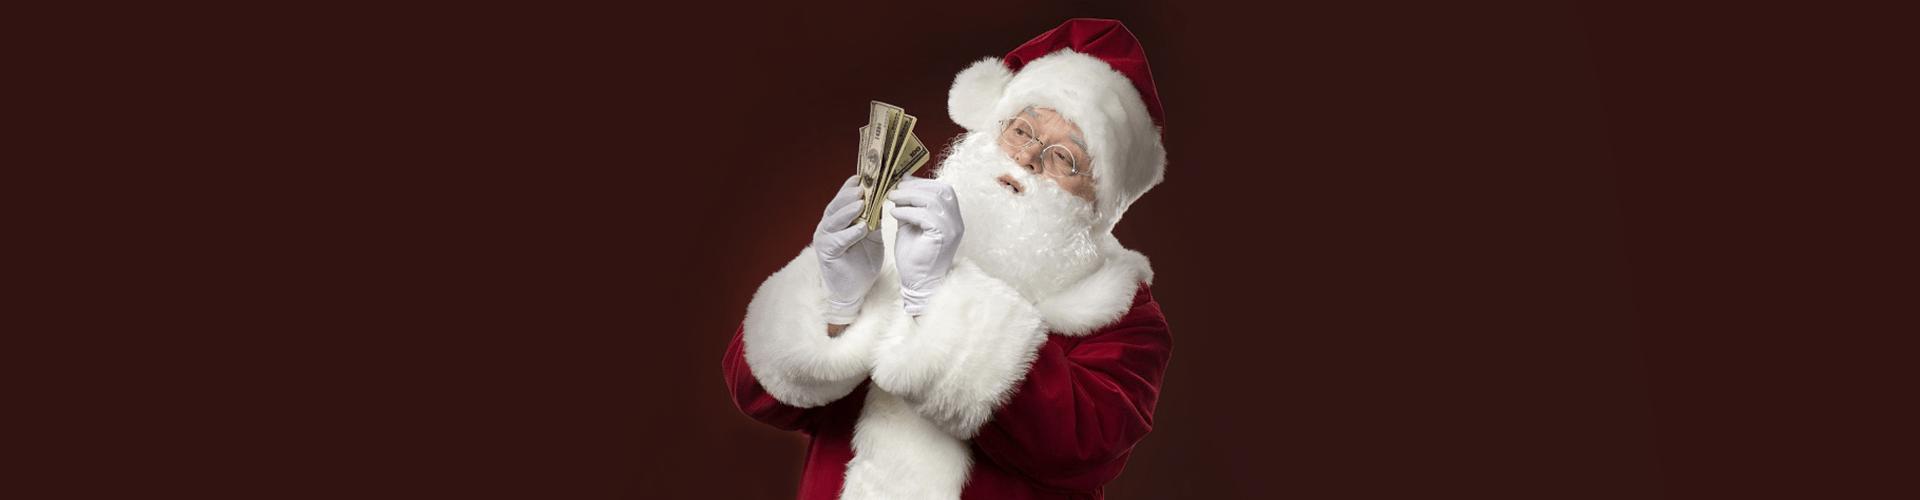 дед мороз, подарки, деньги, новый год